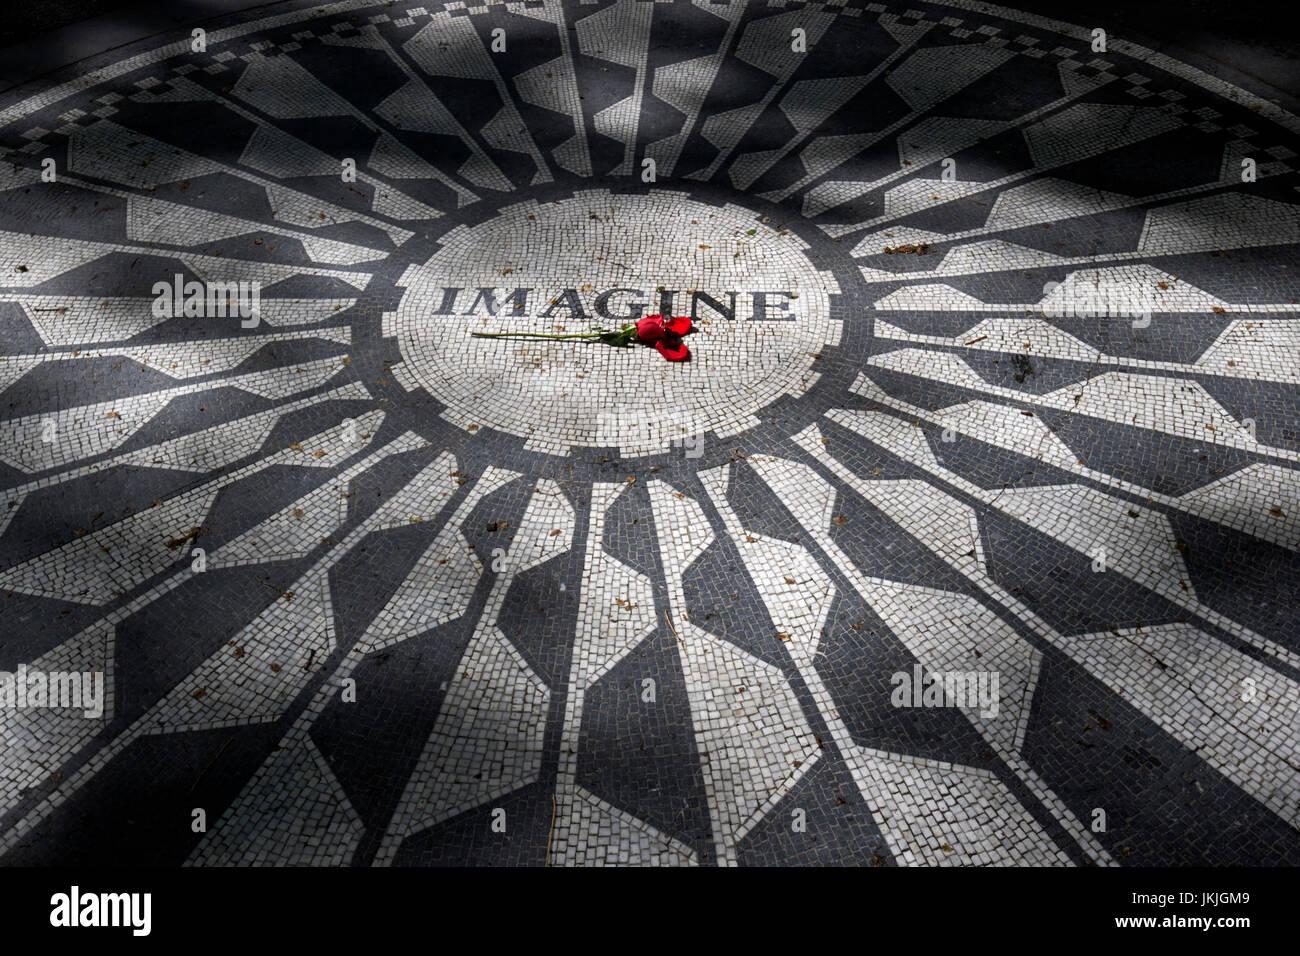 Una rosa roja sobre la imagine mosaico dedicado a John Lennon en Central Park, Nueva York, Estados Unidos Foto de stock